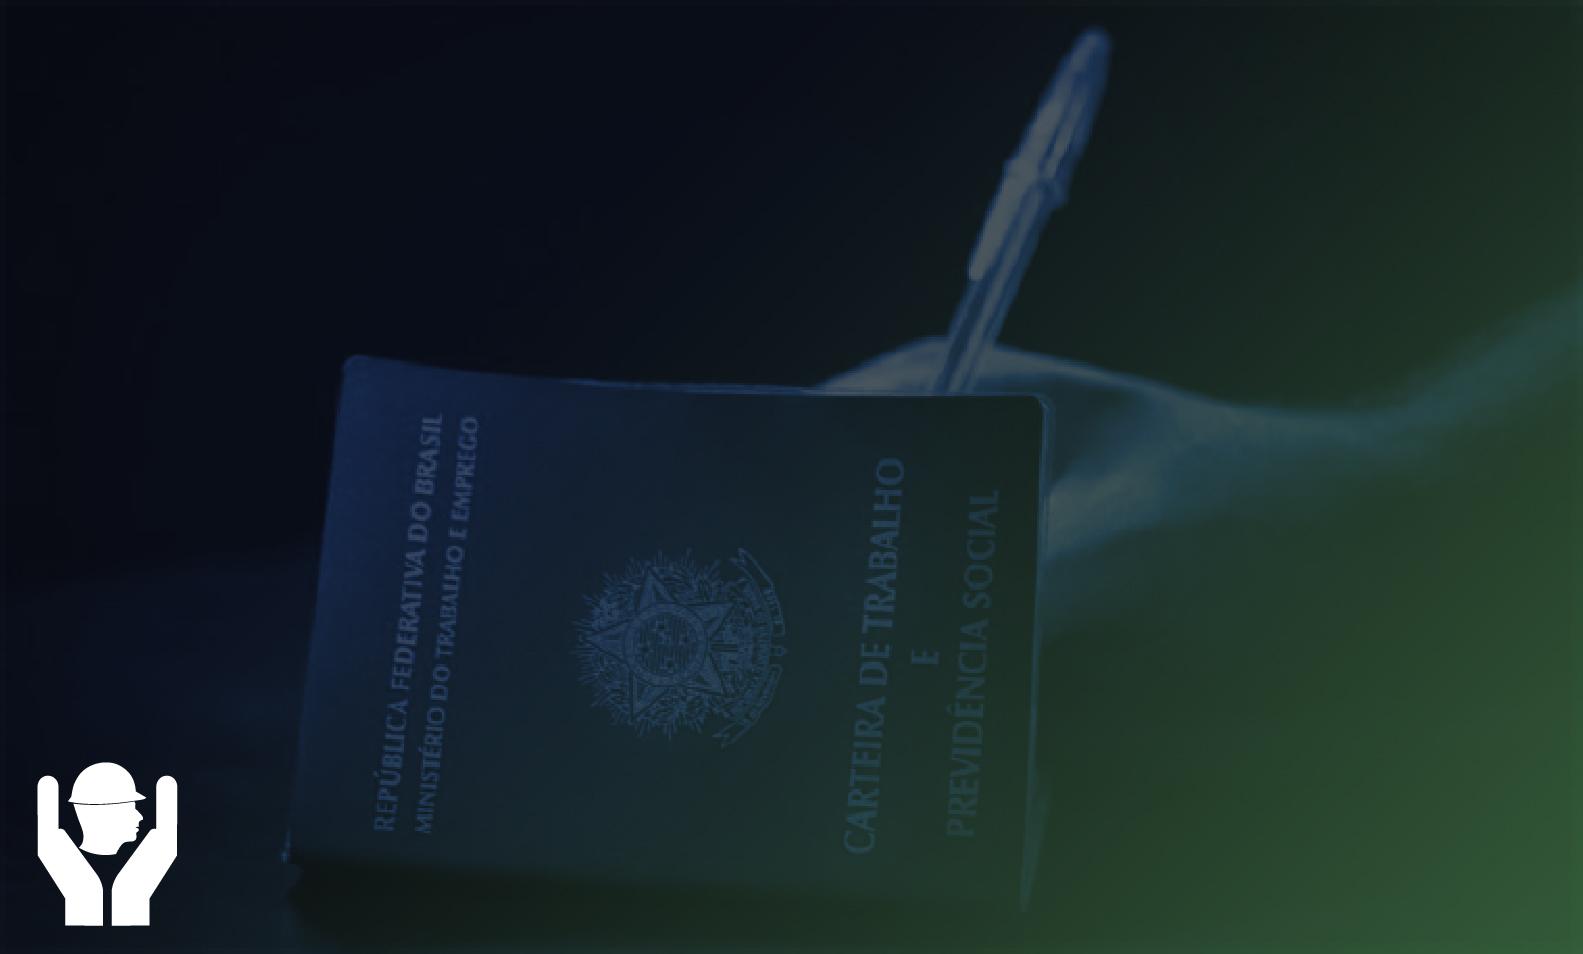 ações trabalhistas para retificação do ppp - perfil profissiográfico previdenciário-01